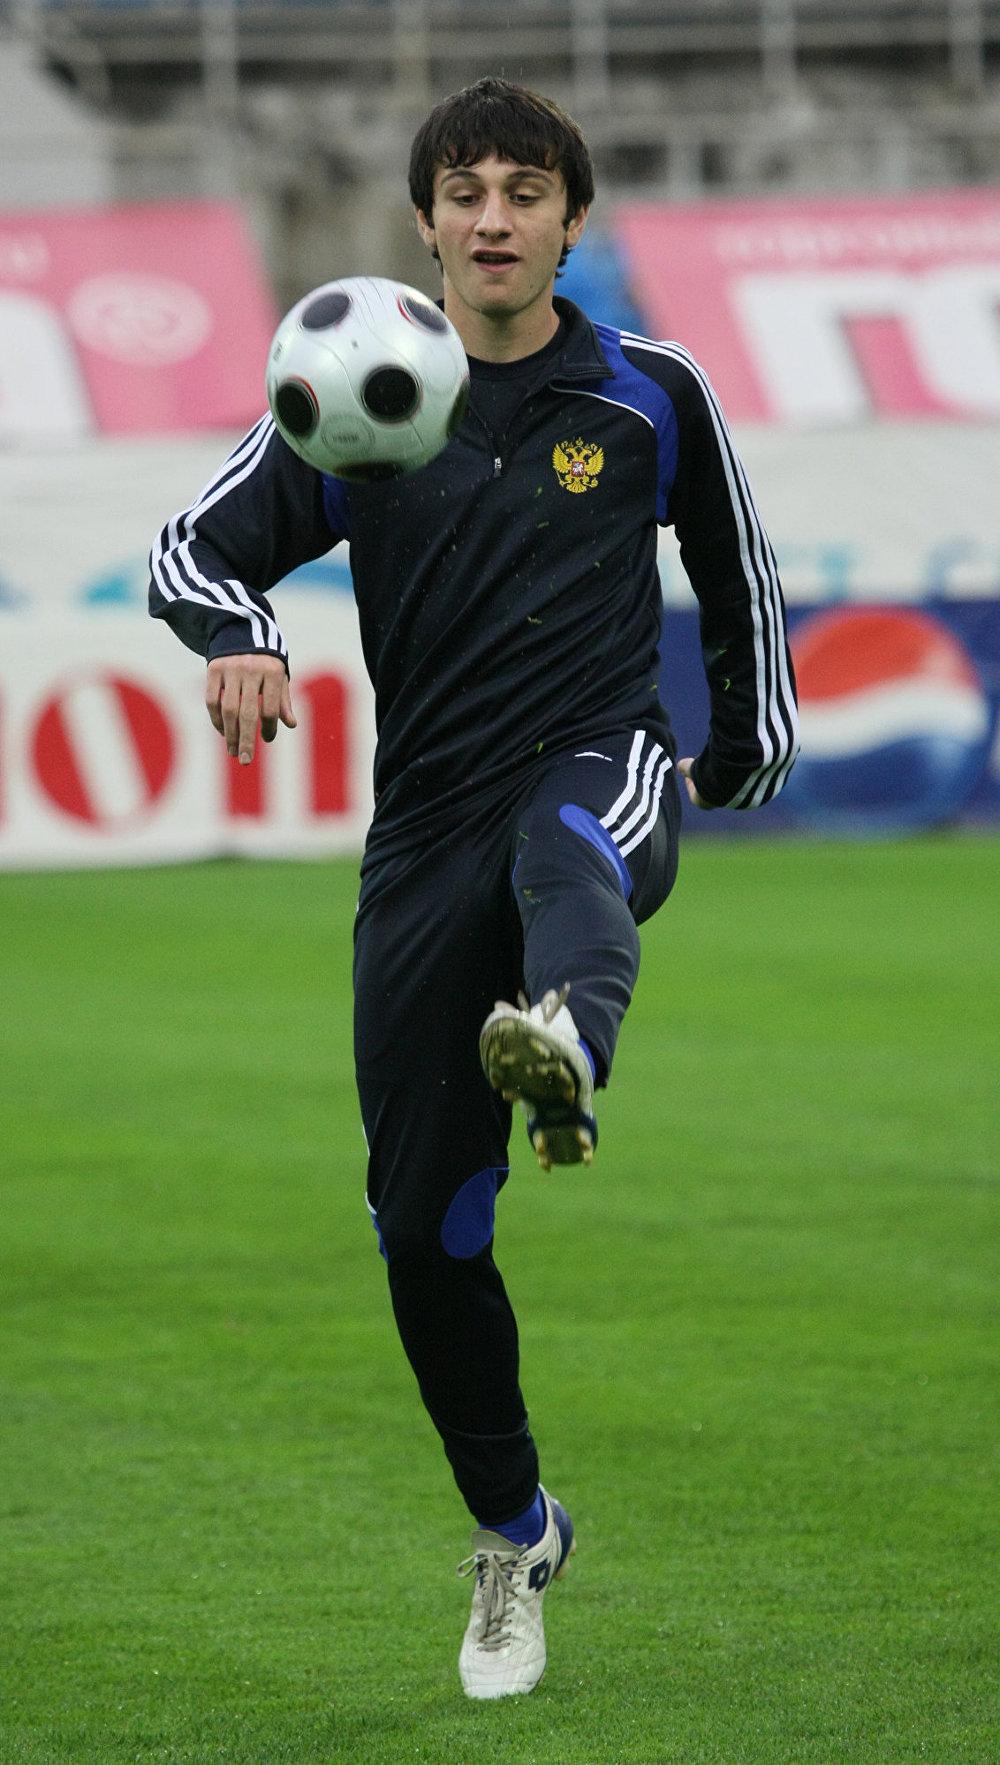 CSKA Moscow star Alan Dzagoev